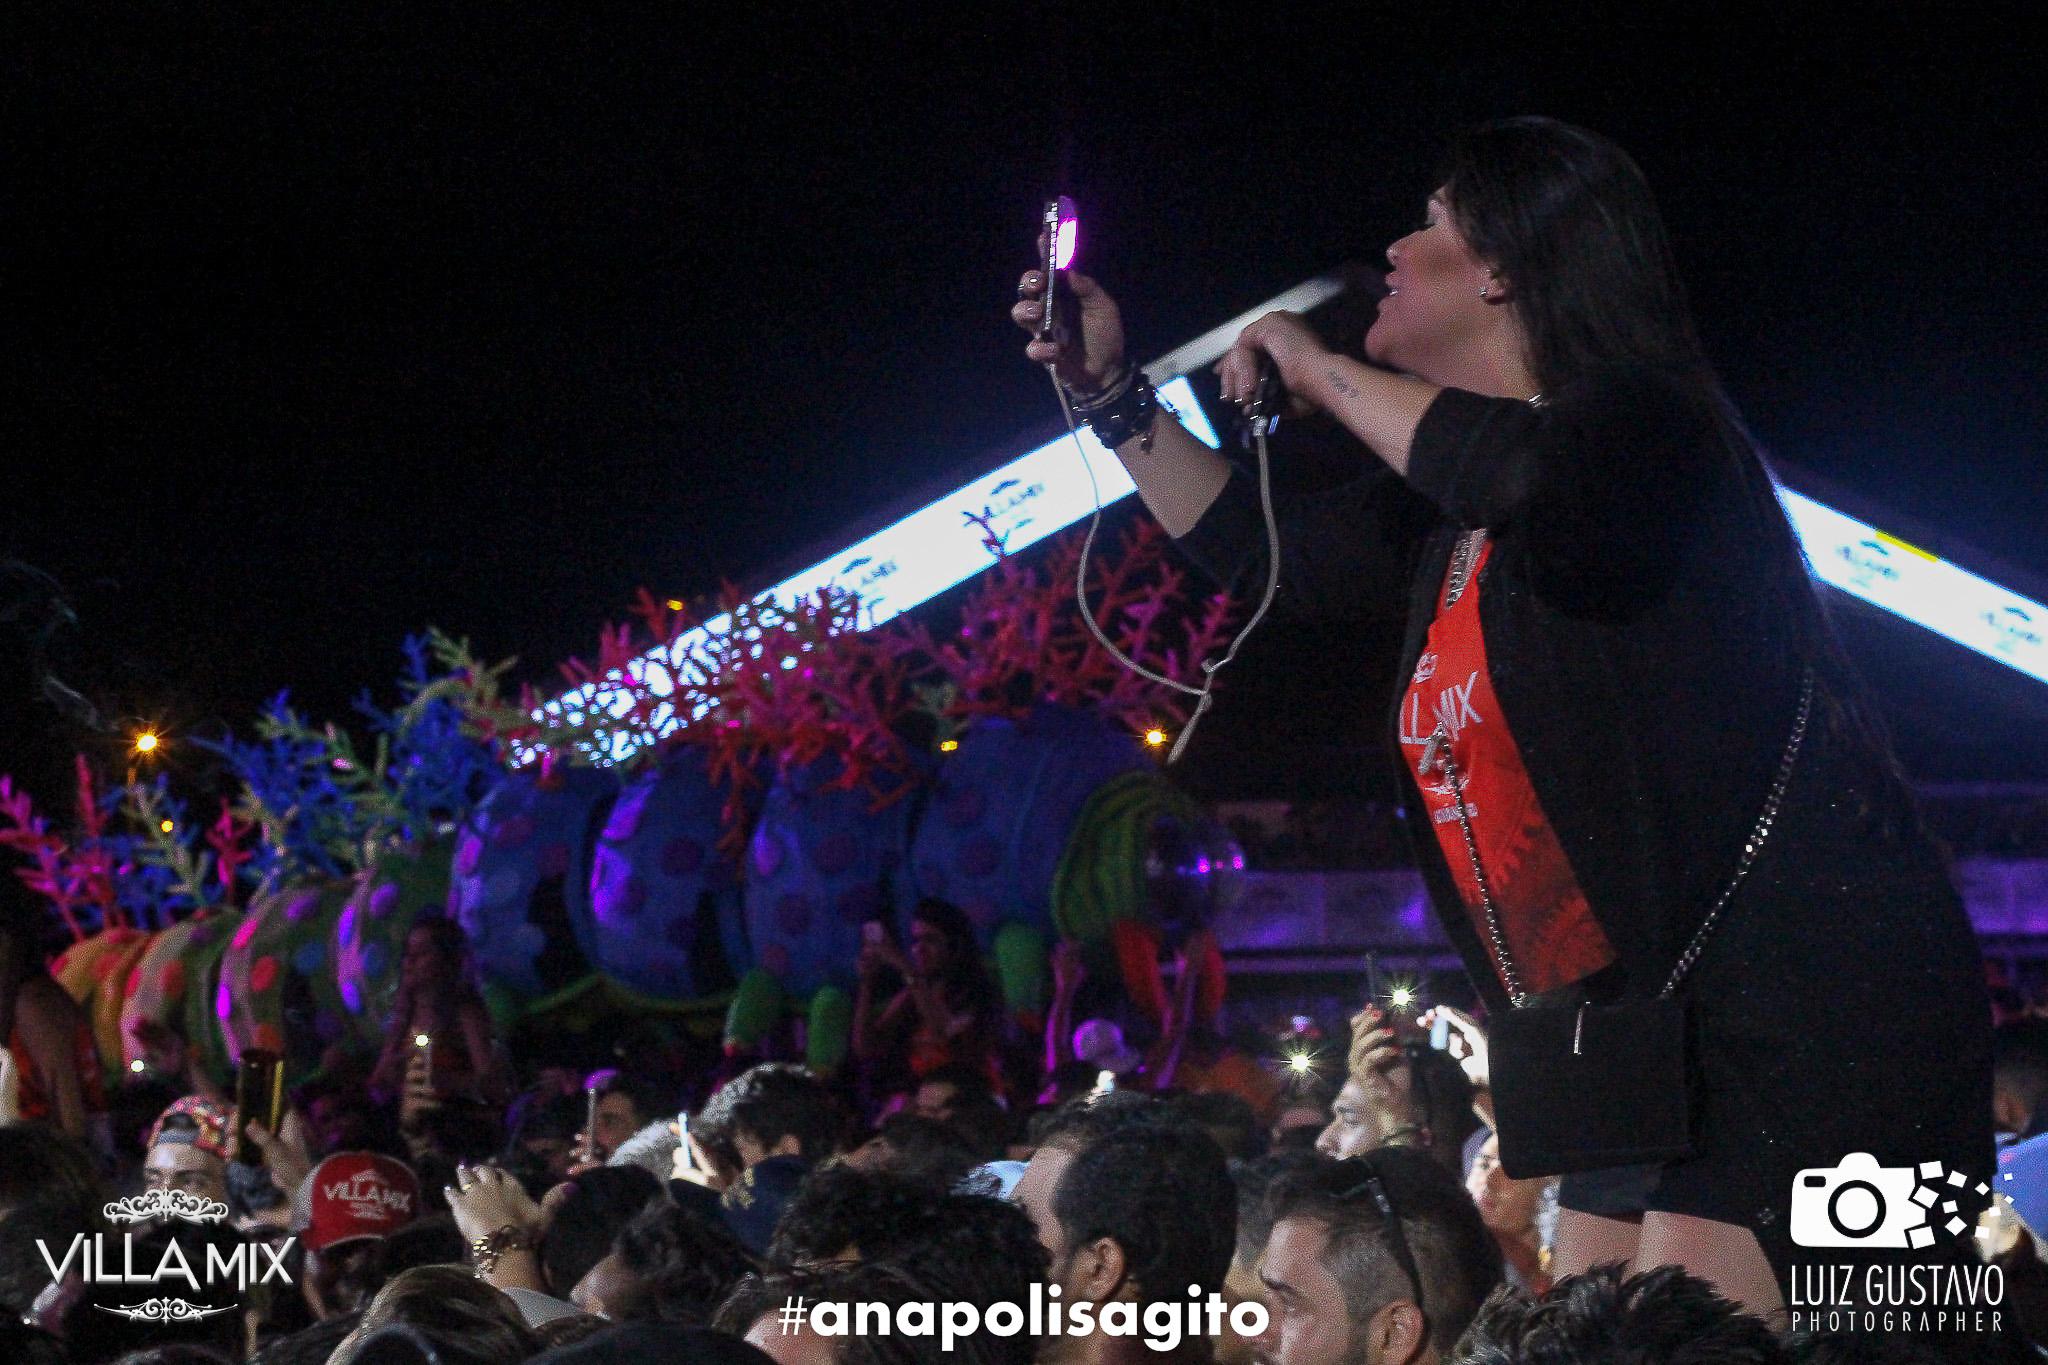 Luiz Gustavo Photographer (267 de 327)